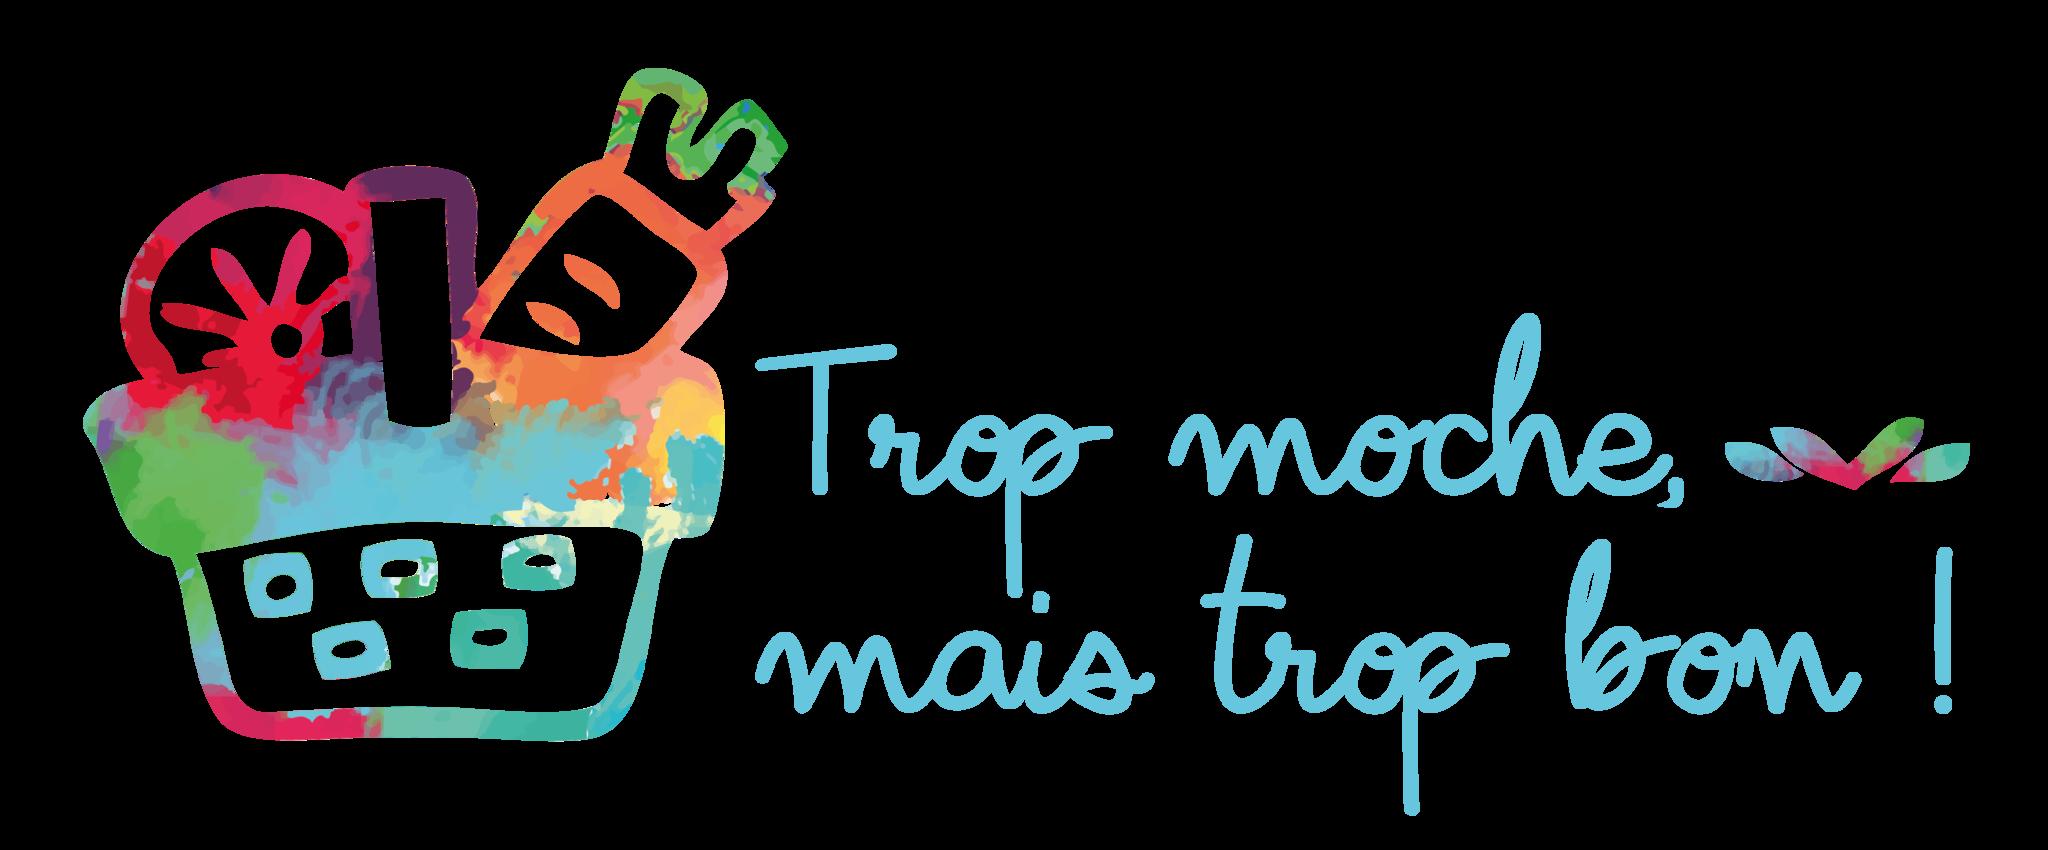 """TESA s'associe au projet """"Trop moche, mais trop bon !"""""""